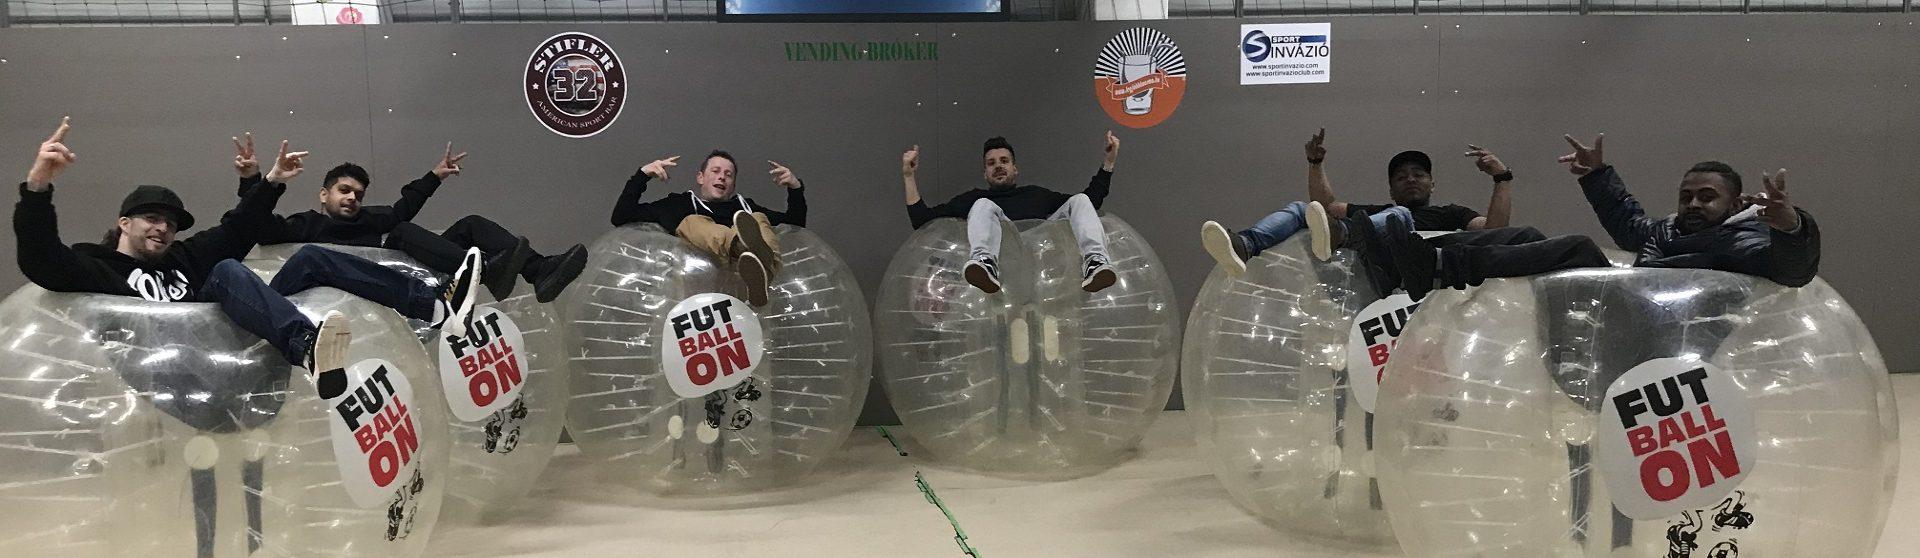 BubbleFootball-Hungary